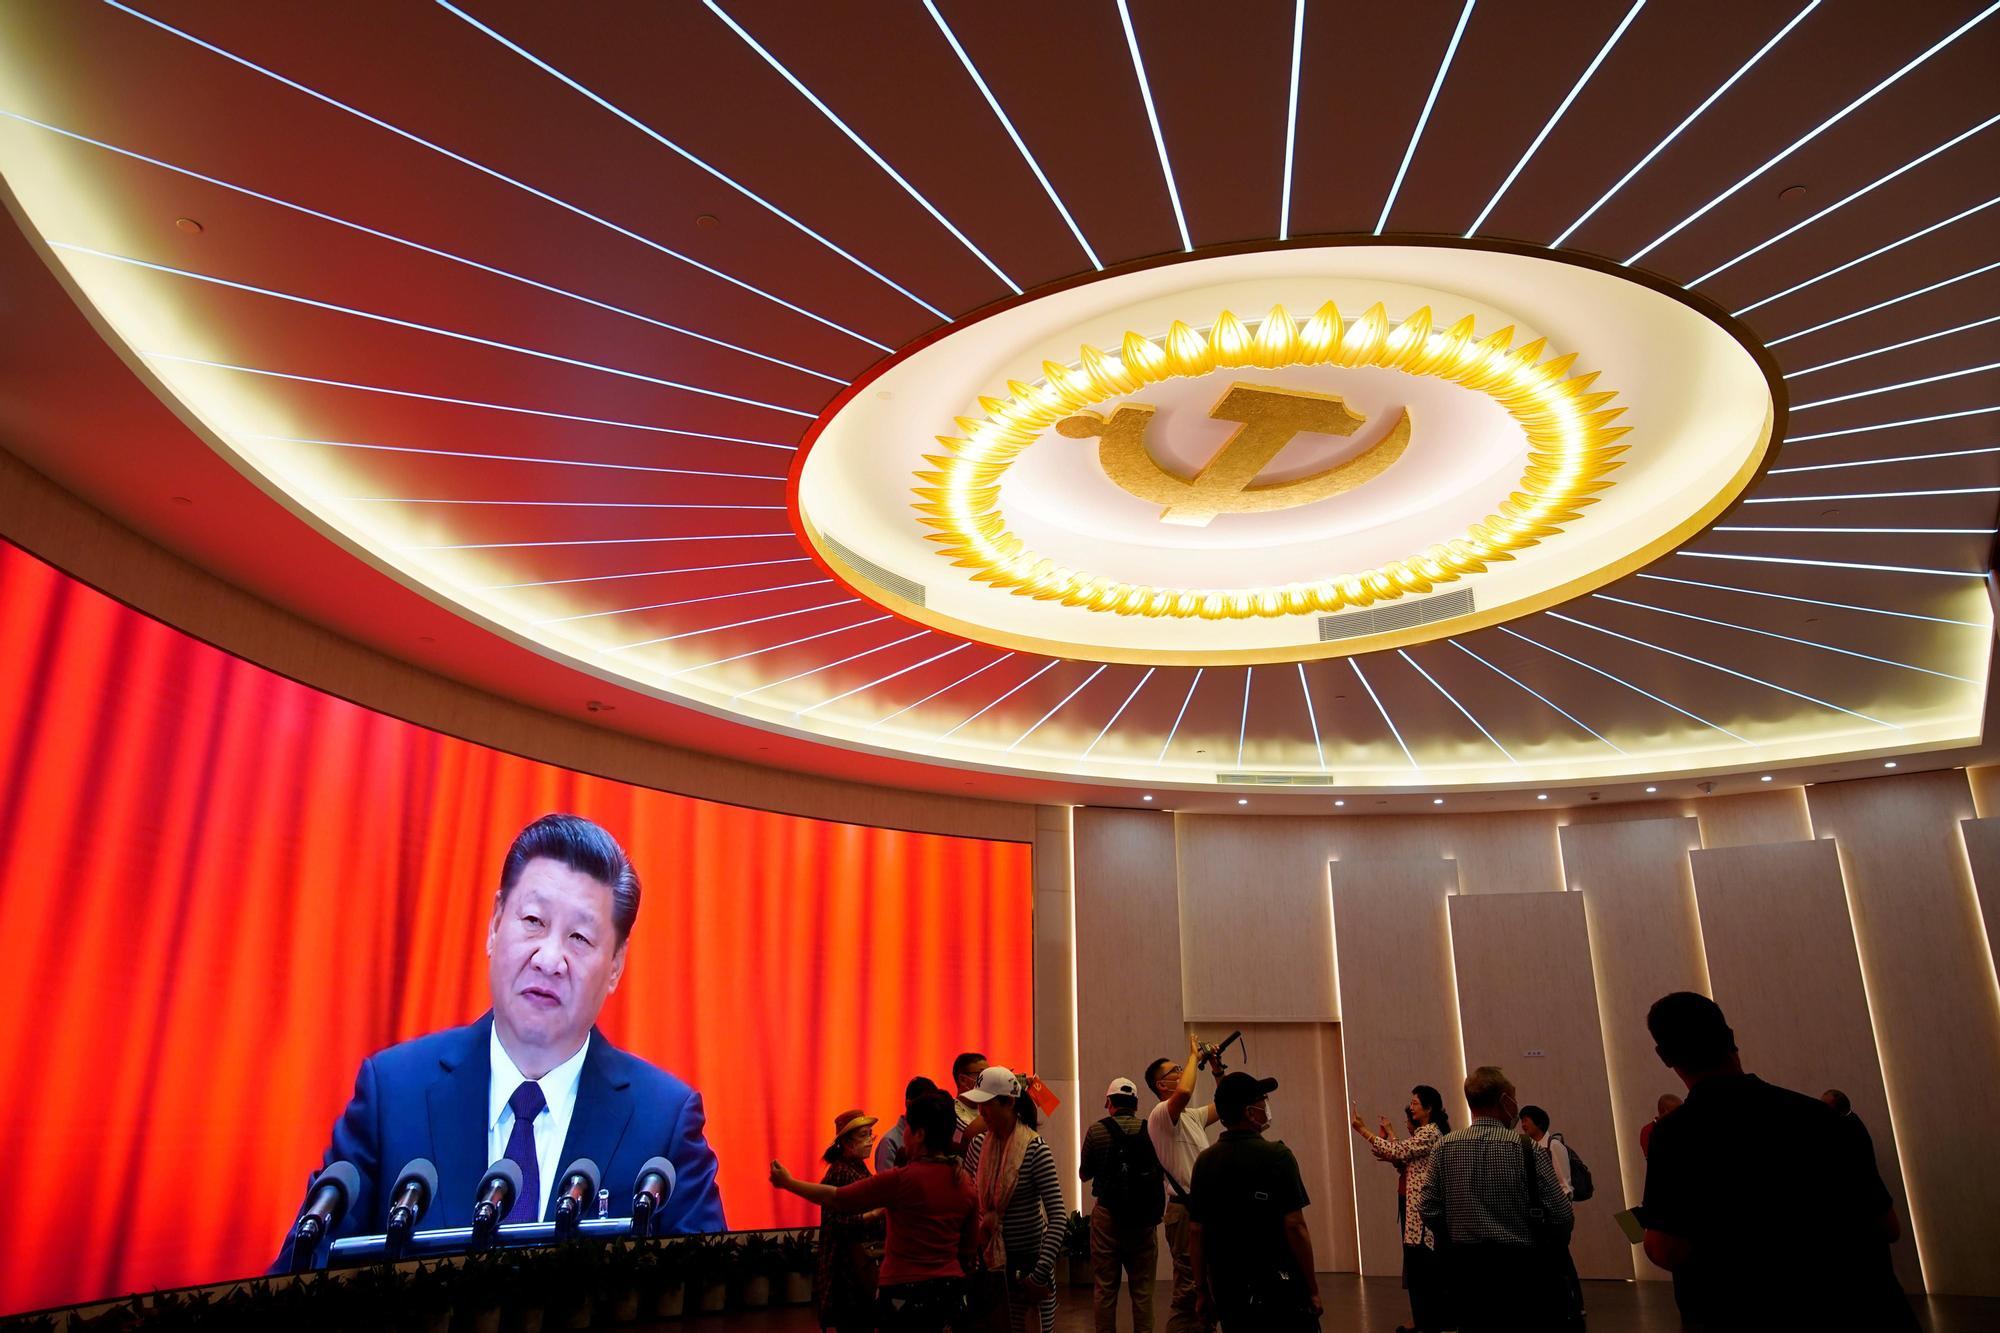 El presidente Xi Jinping habla durante la clausura del congreso del Partido Comunista de China